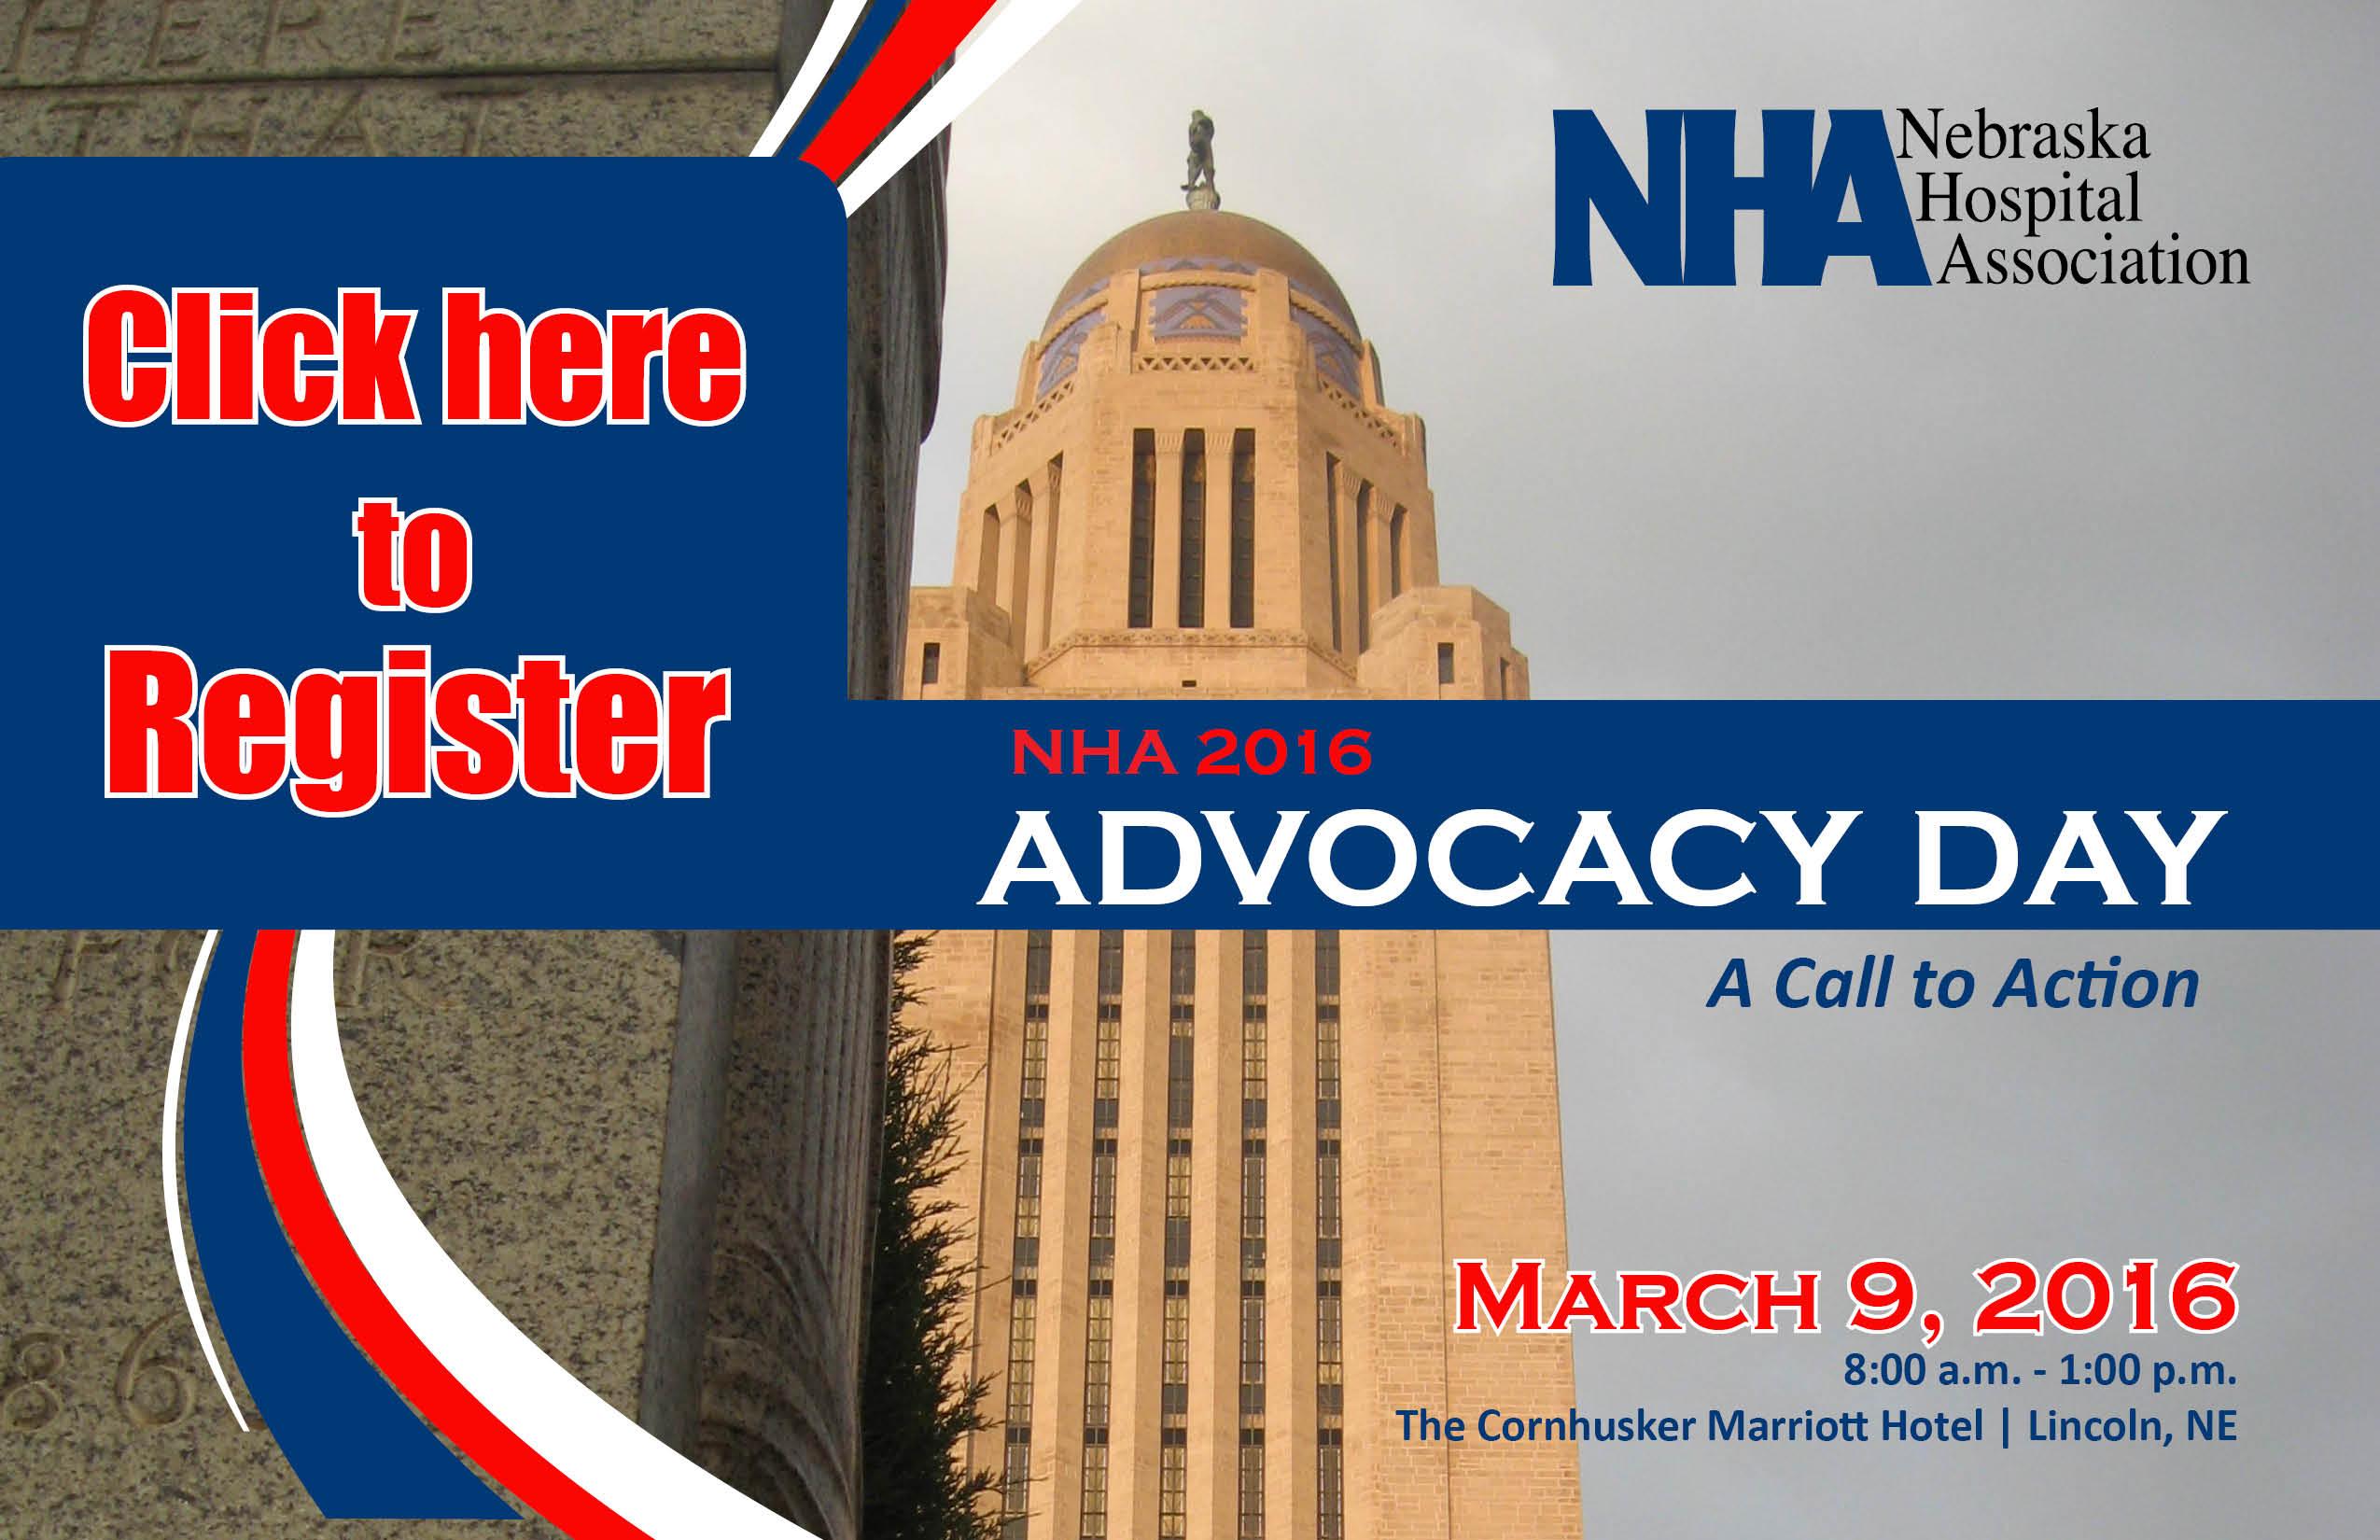 Advocacy Day 2016